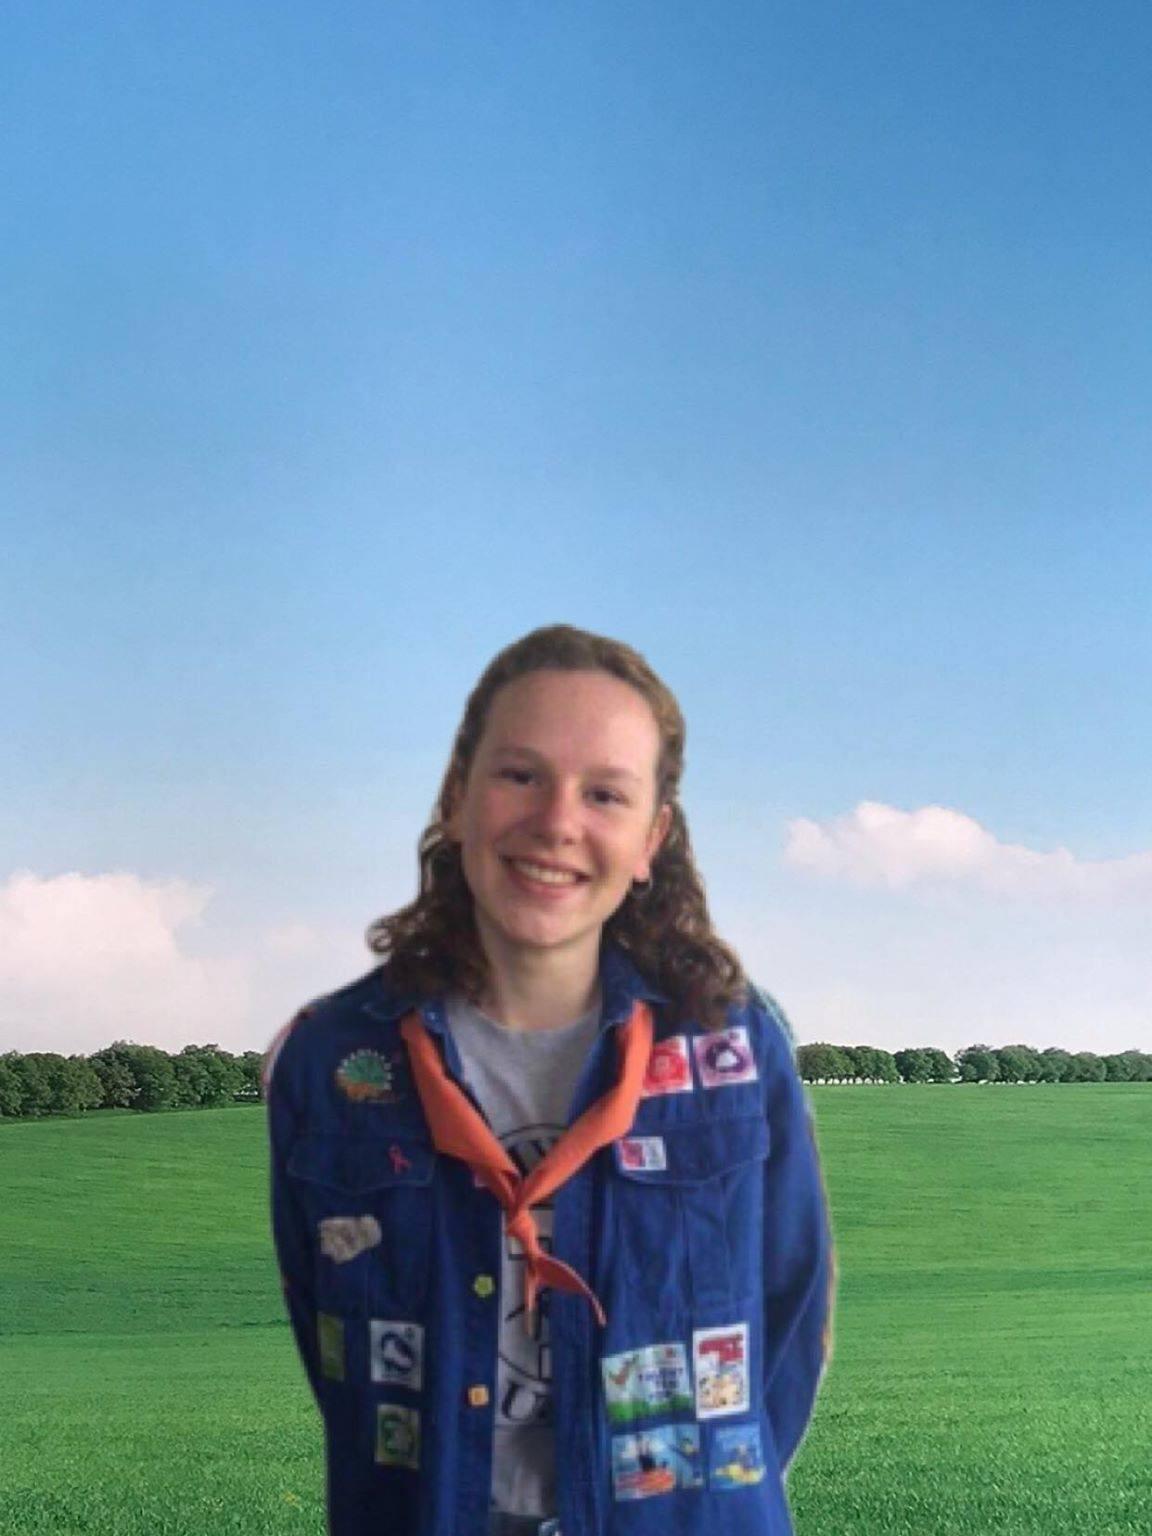 Angeline Van Lierop